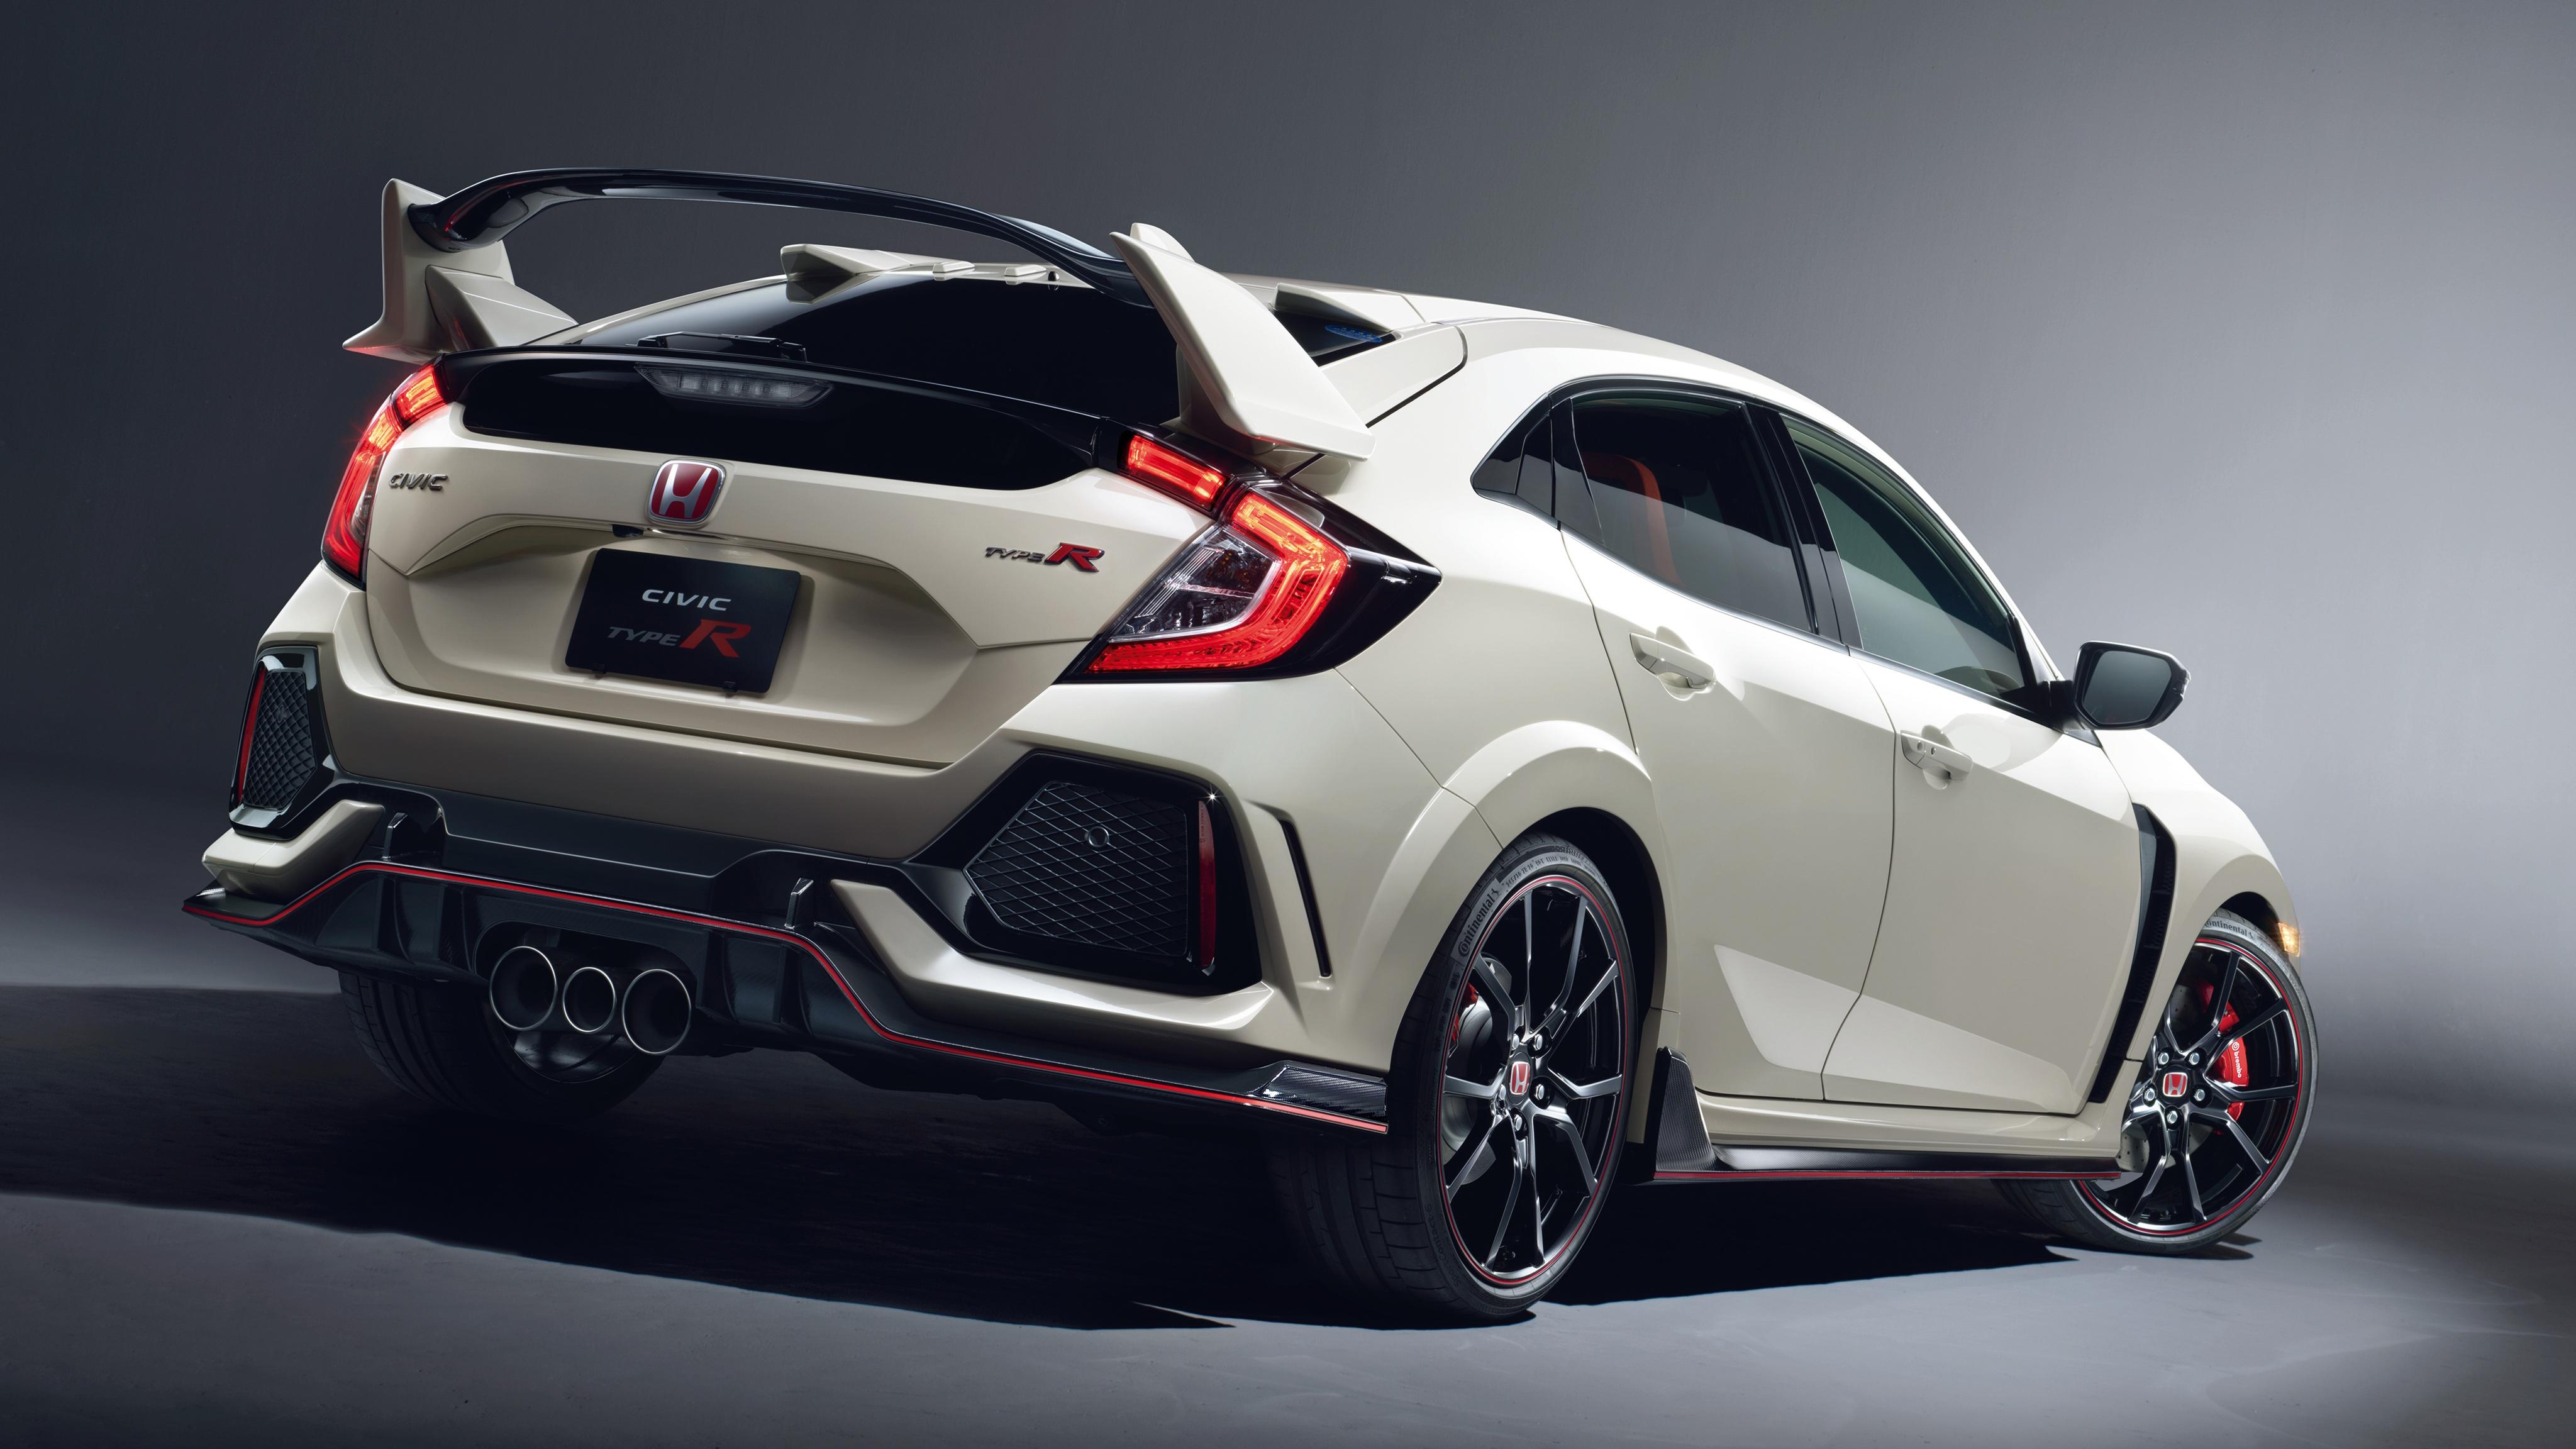 2017 Honda Civic Type R 4 Wallpaper HD Car Wallpapers 4096x2304